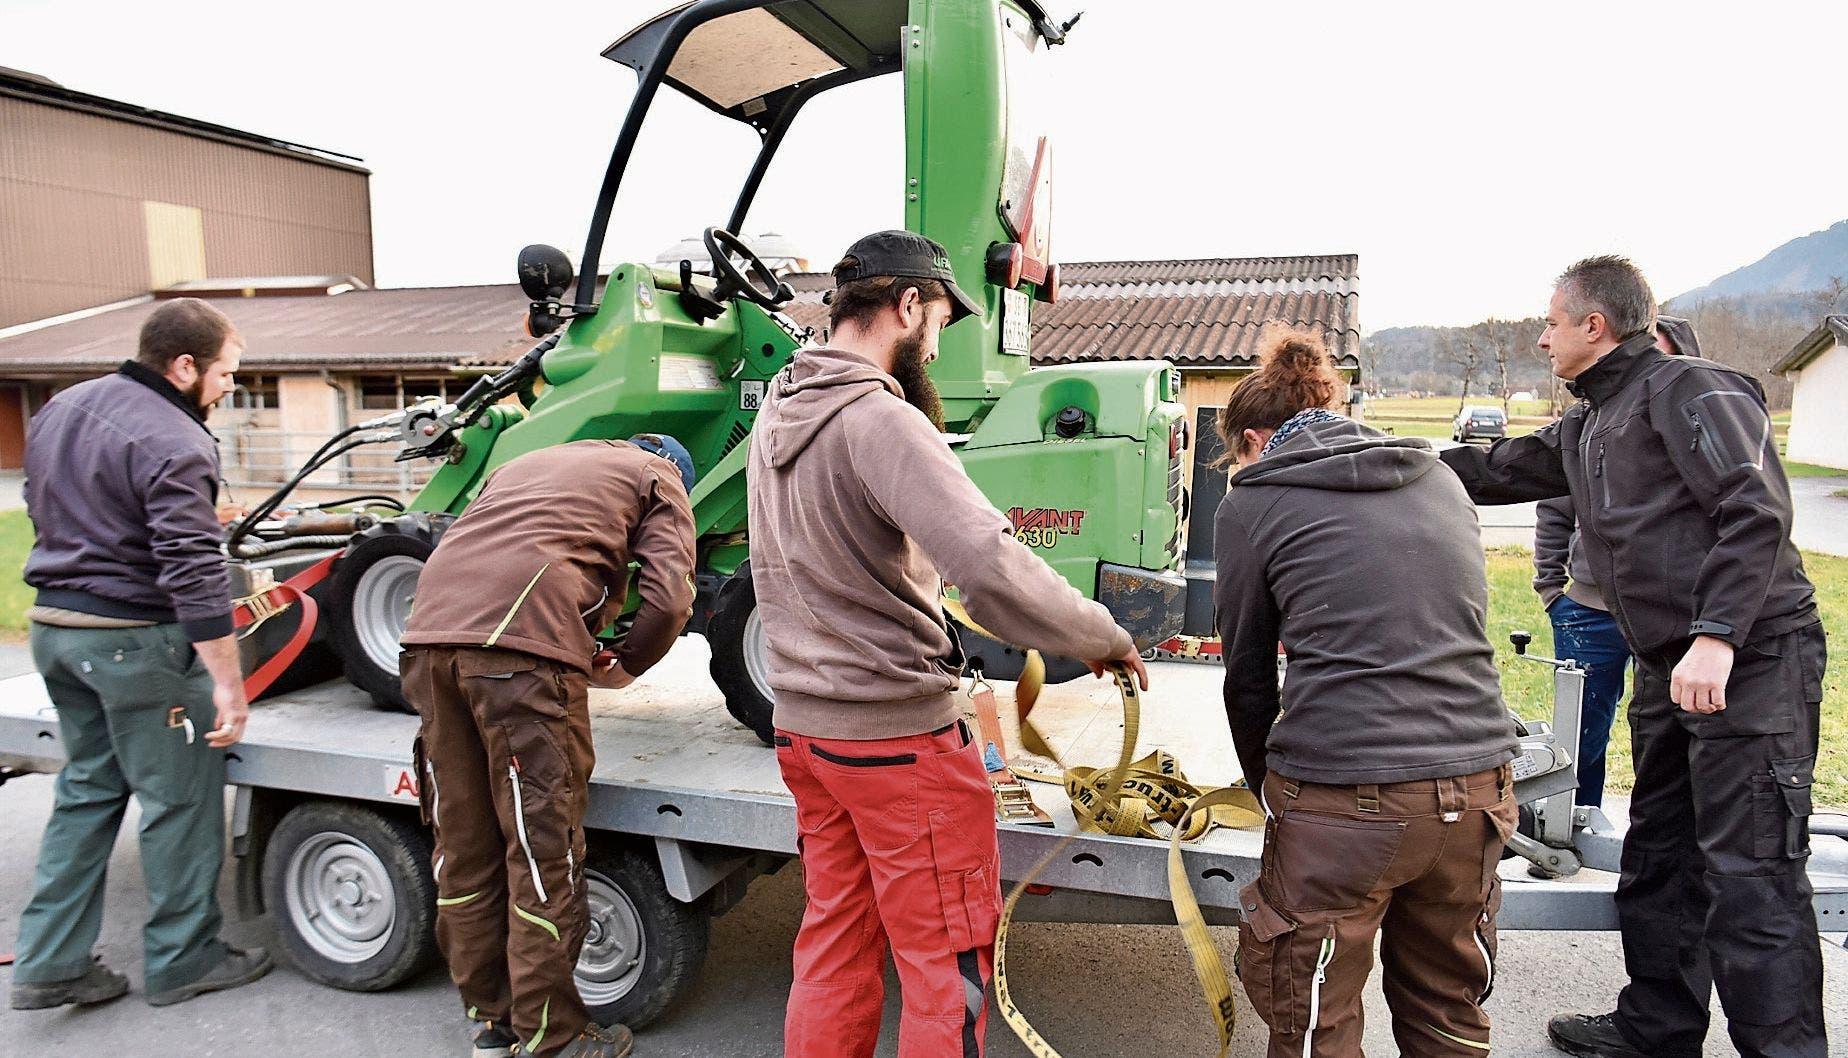 Der Einstieg in den Kurs fiel den angehenden Landwirten leicht. Bei der Befestigung eines landwirtschaftlichen Gerätes auf einem Anhänger gilt es dennoch sorgfältig vorzugehen, die Gurten dürfen keine Schäden aufweisen.